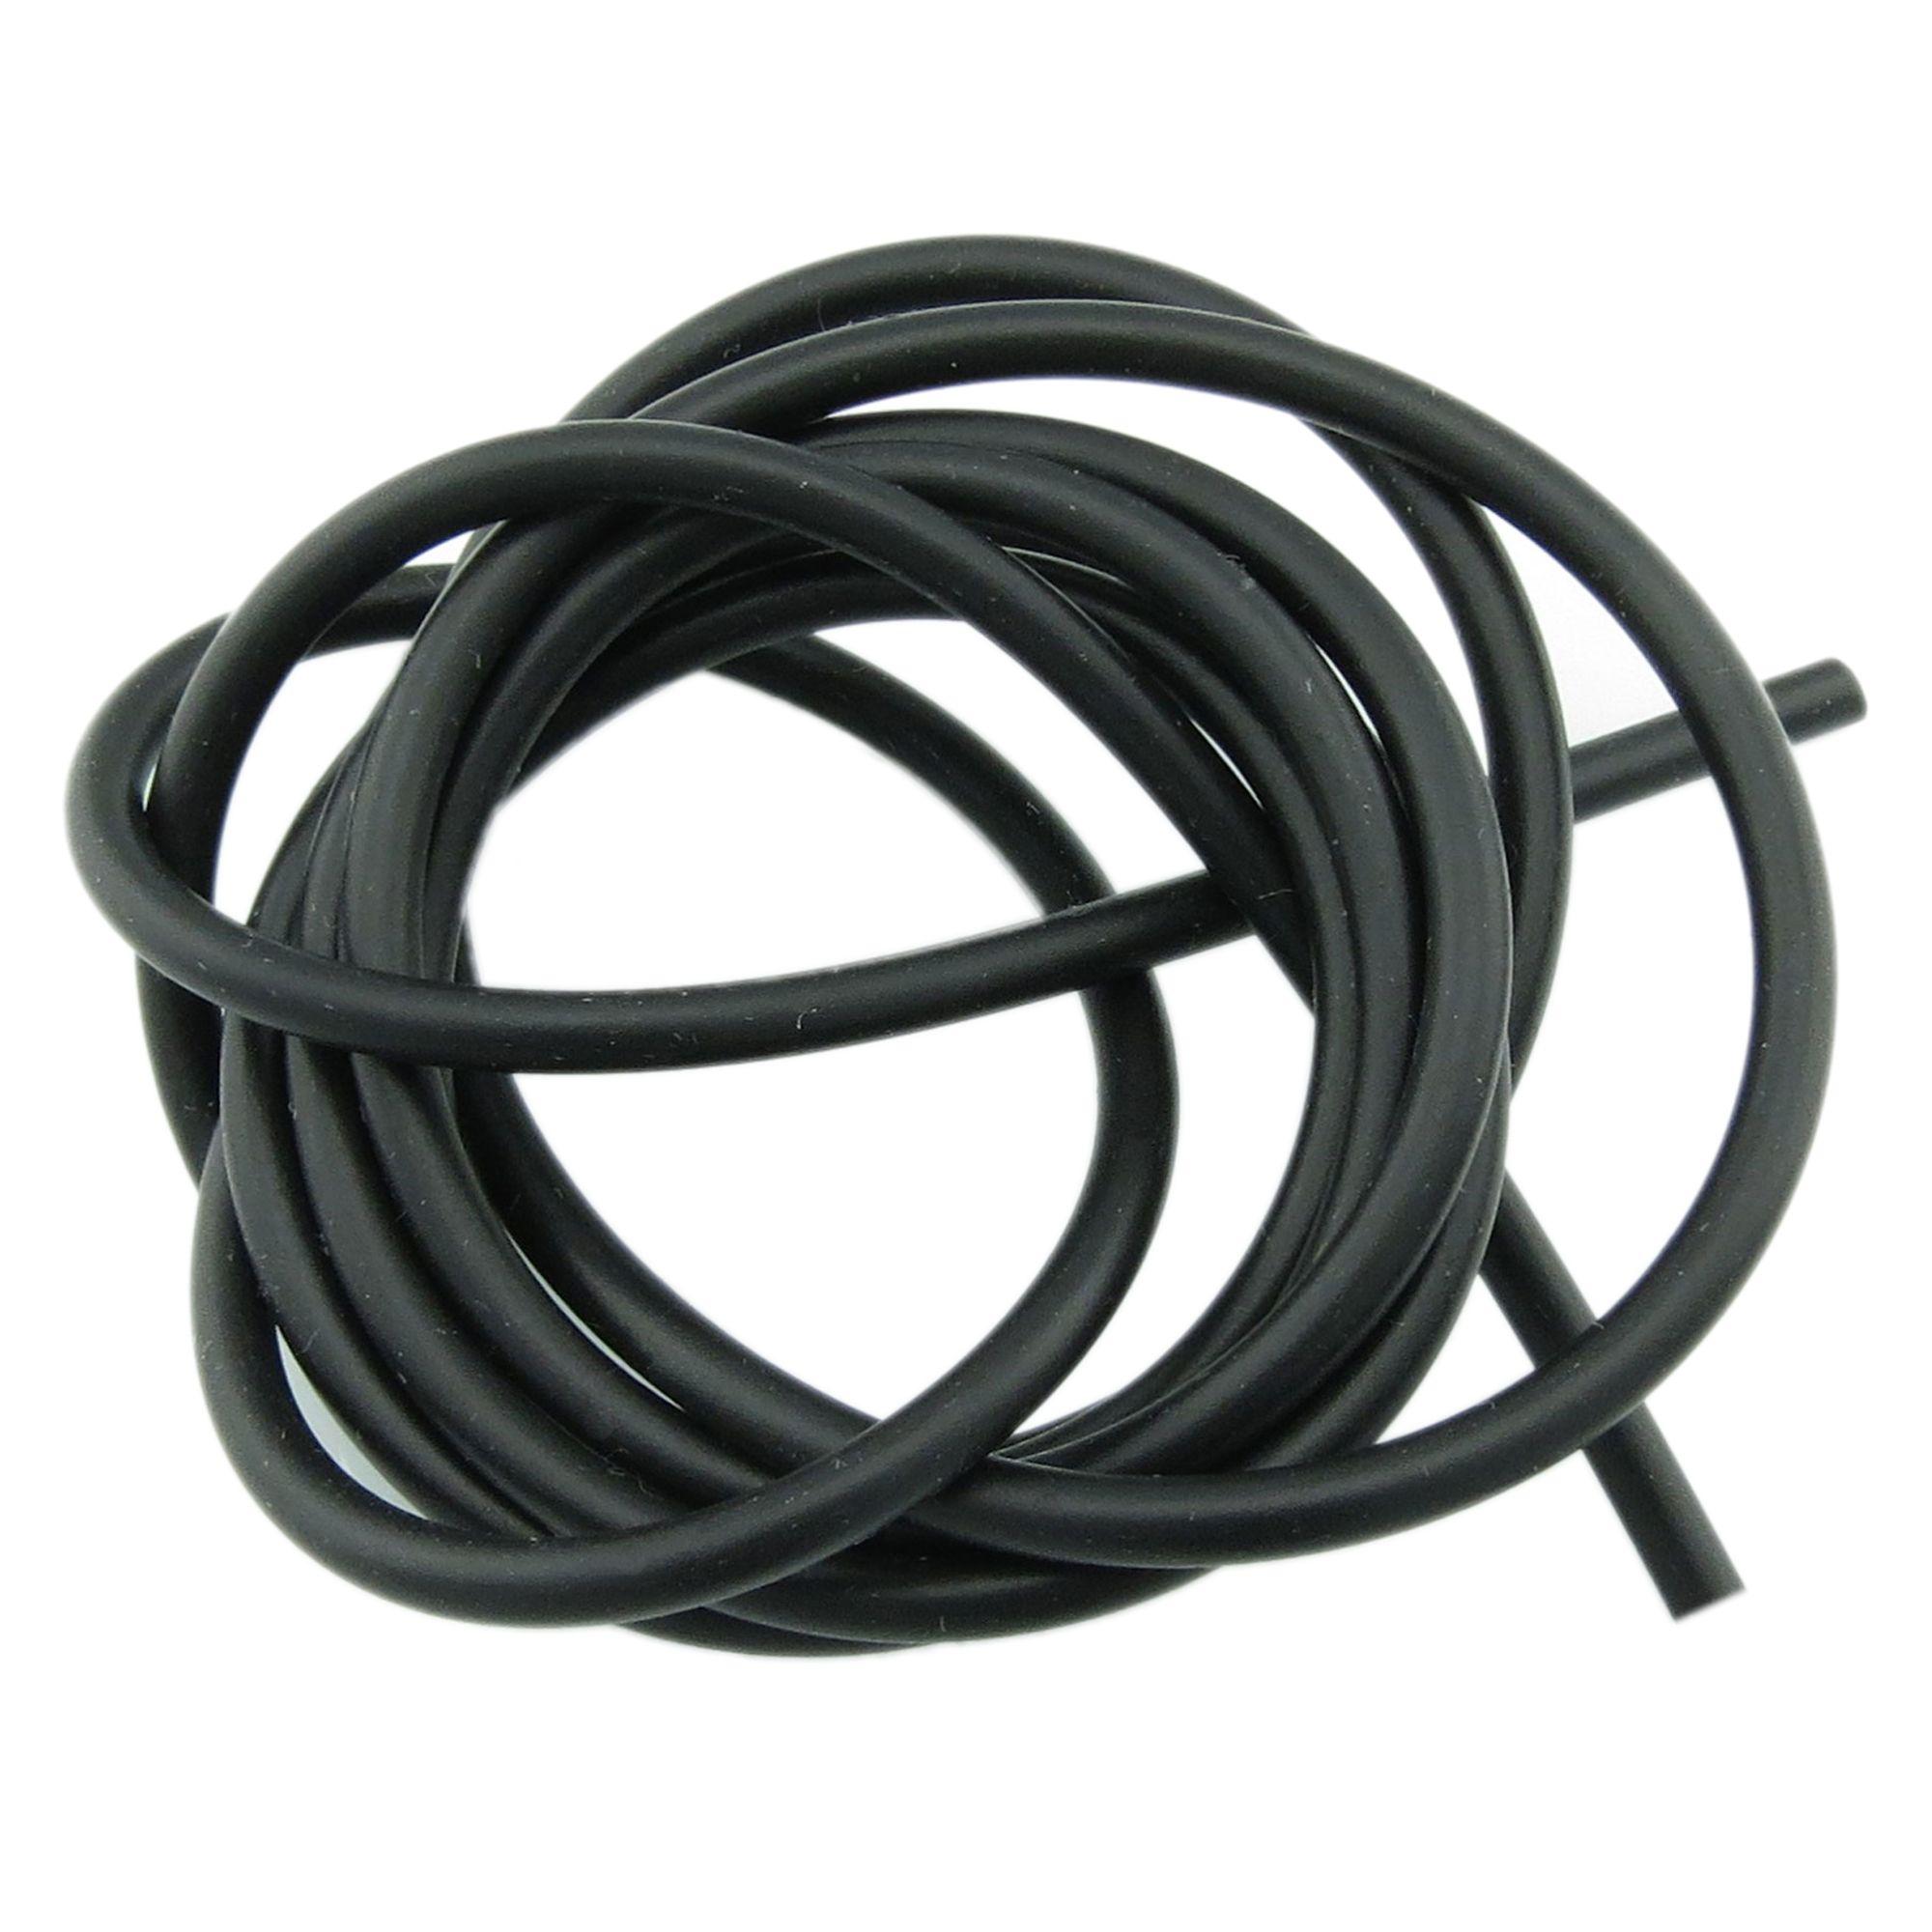 1m Kautschuk Band 3mm (1,48€ pro m) schwarz rund Gummi Schmuck Band ...